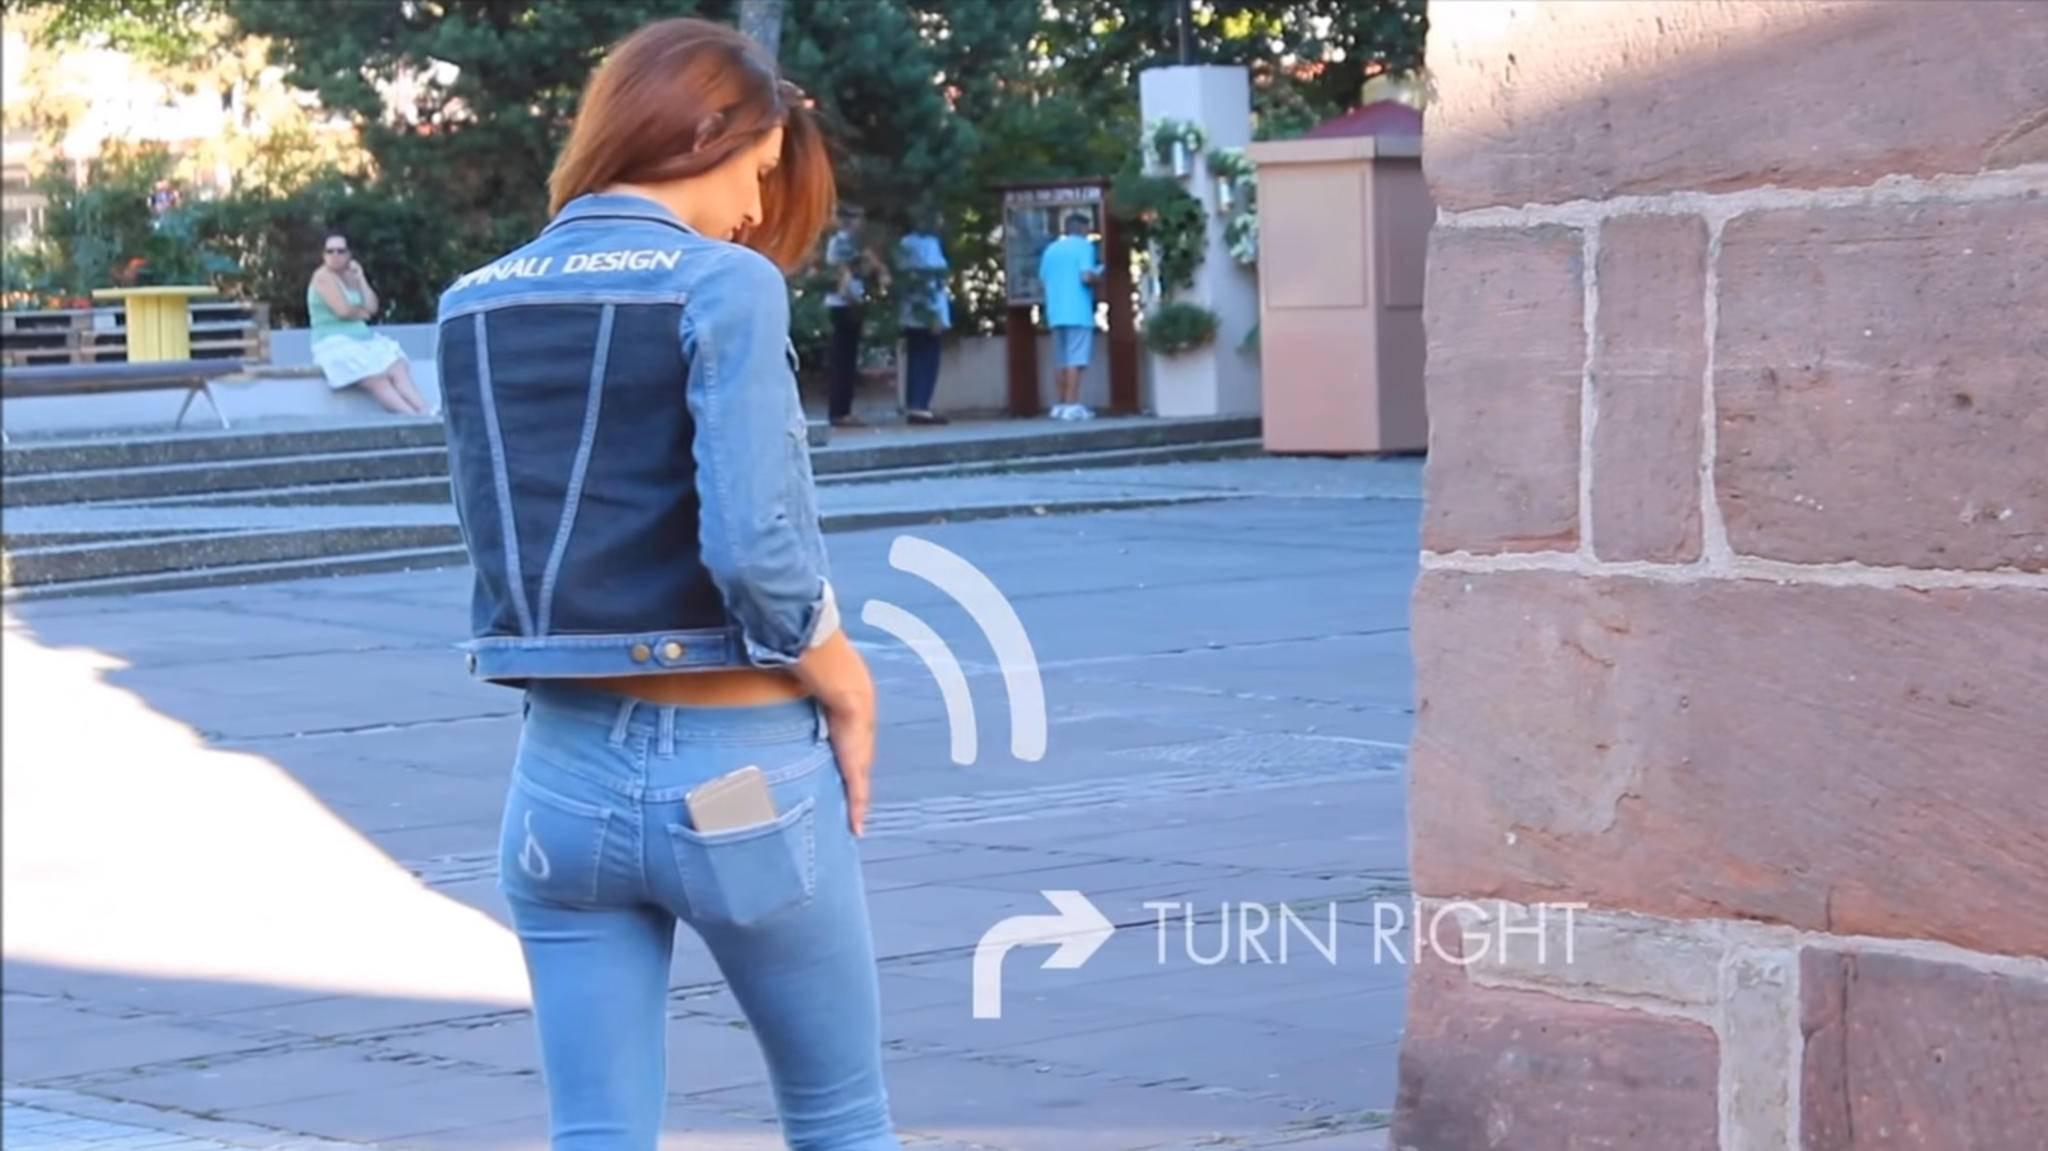 Verlaufen? Diese smarte Jeans zeigt Dir, wo es langgeht.